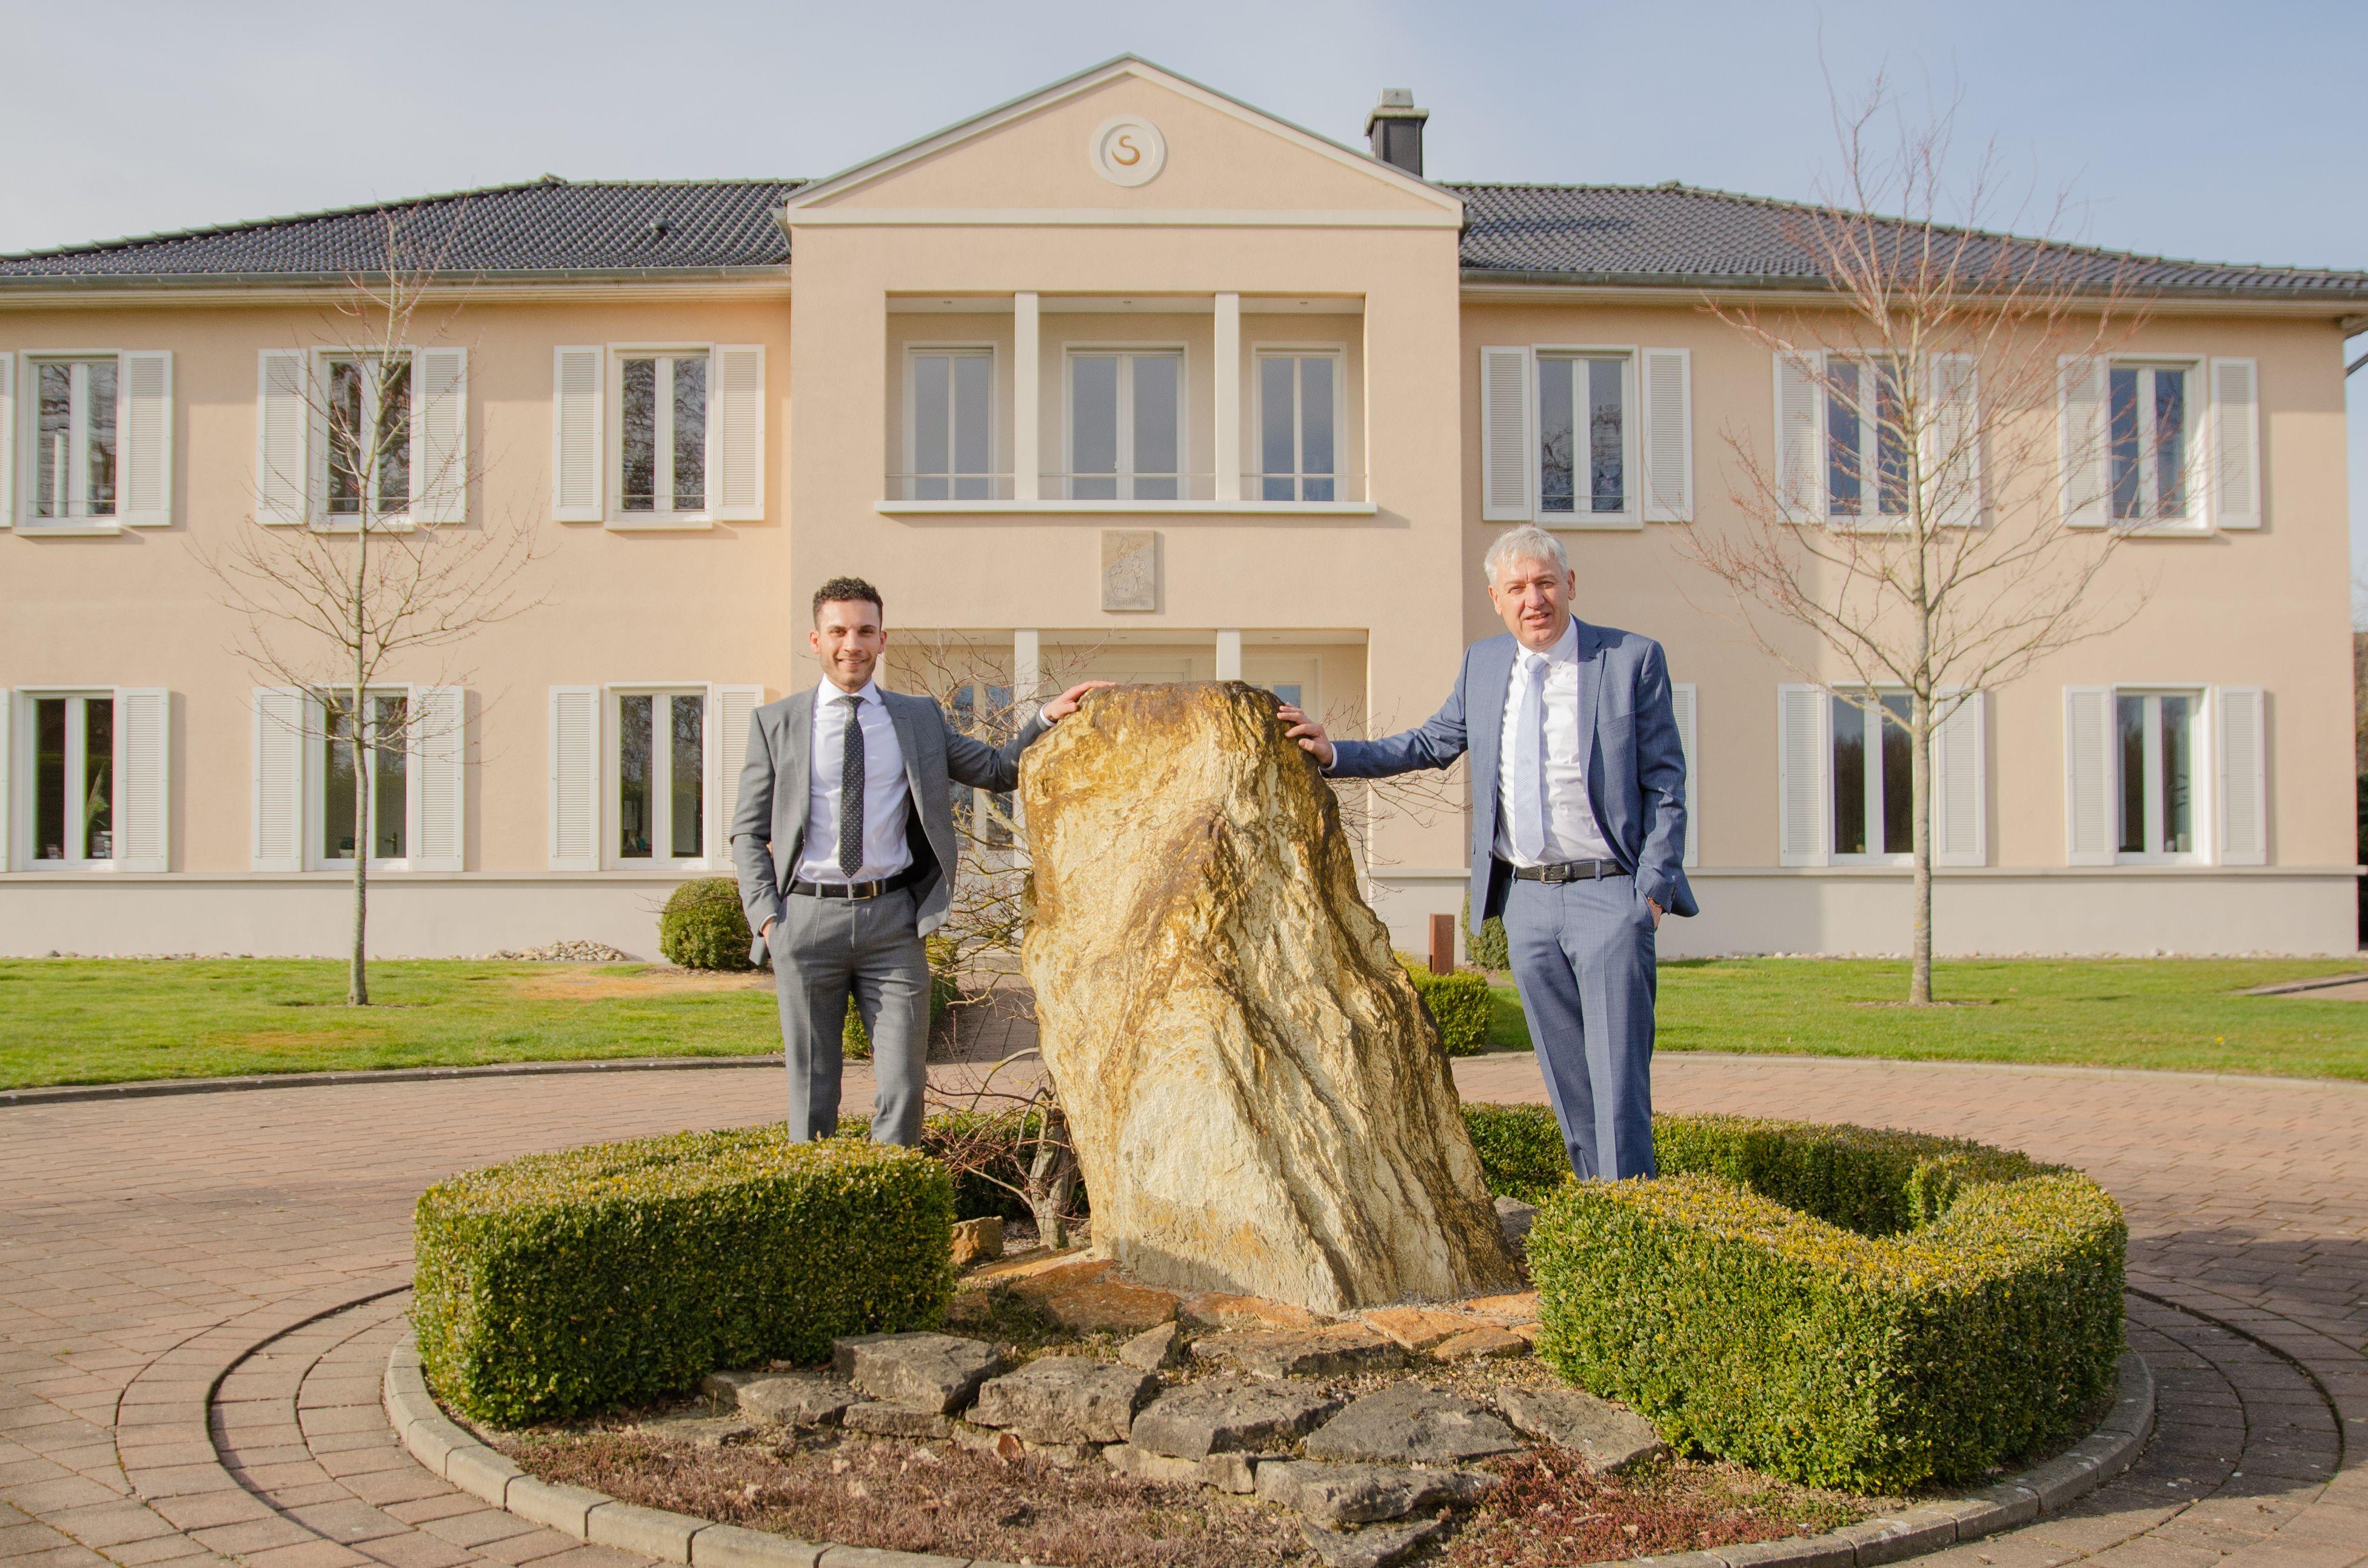 Suleman Klövekorn (links) und Dr. Clemens Schwerdtfeger vor dem Geschäftsgebäude der Immobilienberatung in Emstek. Foto: Dr. Schwerdtfeger